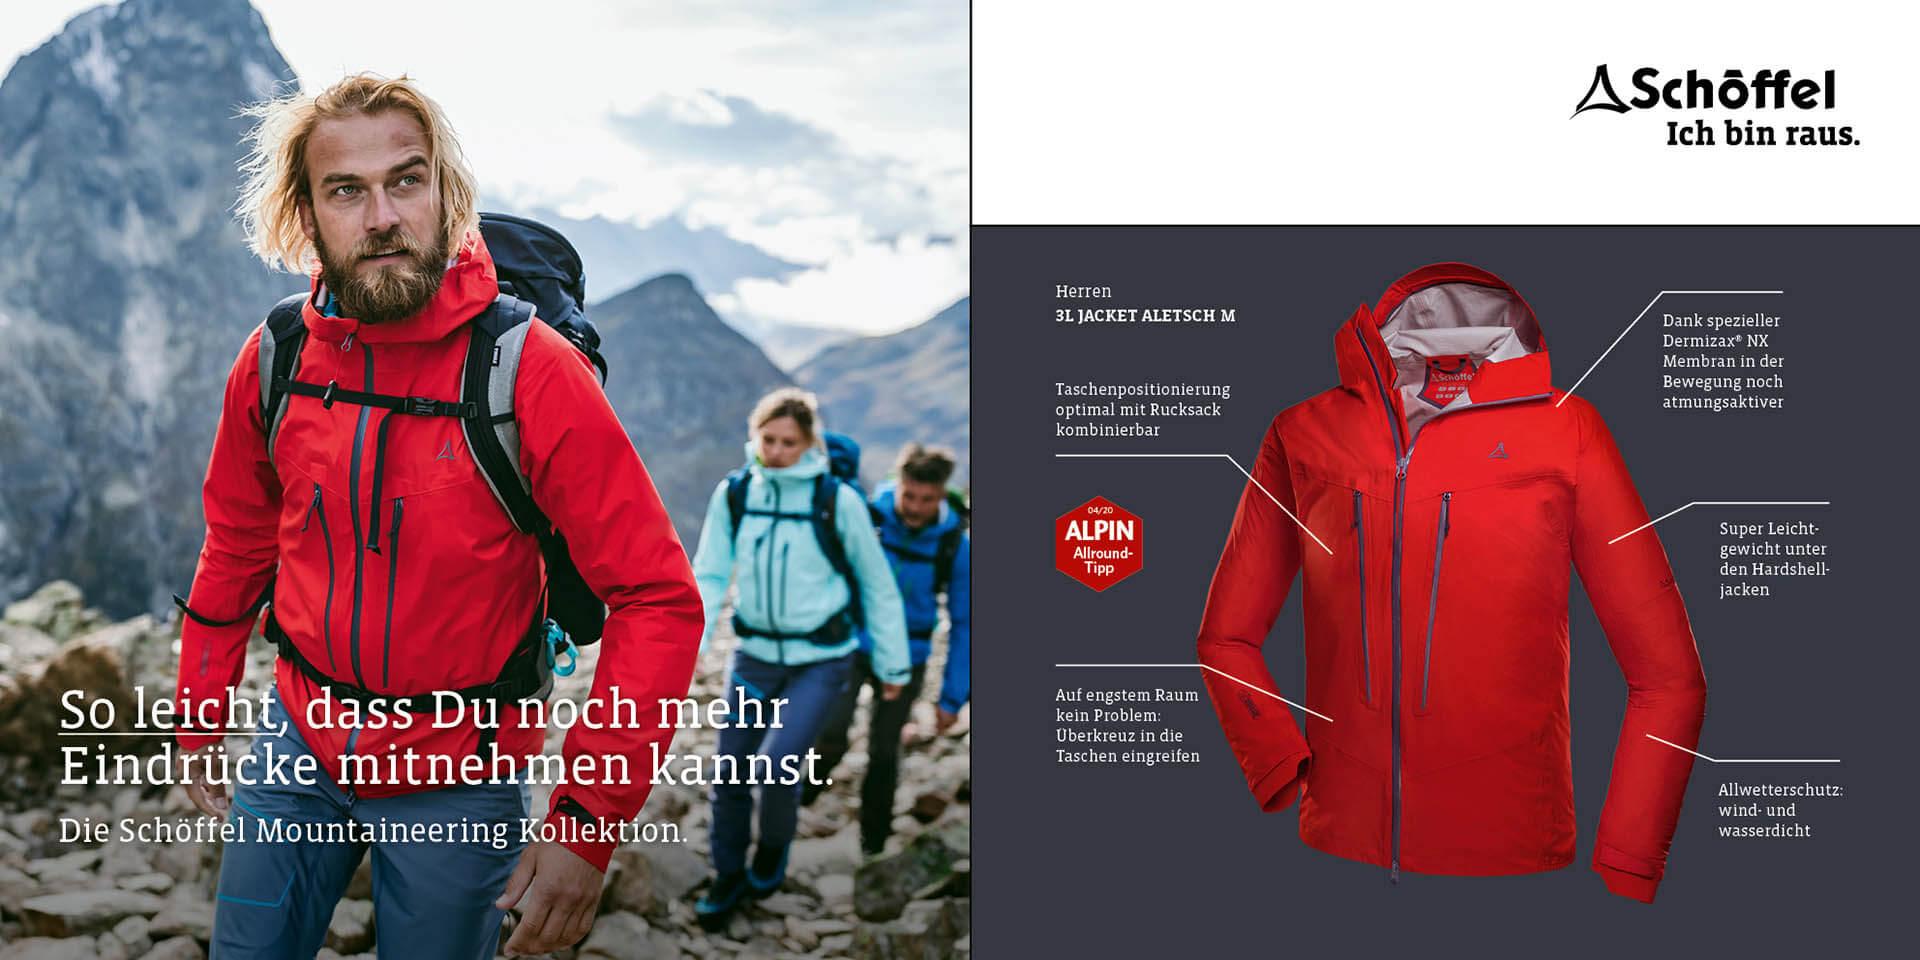 Schöffel Herren 3L Jacket Aletsch M Bekleidung World of Outdoor Sonthofen Allgäu